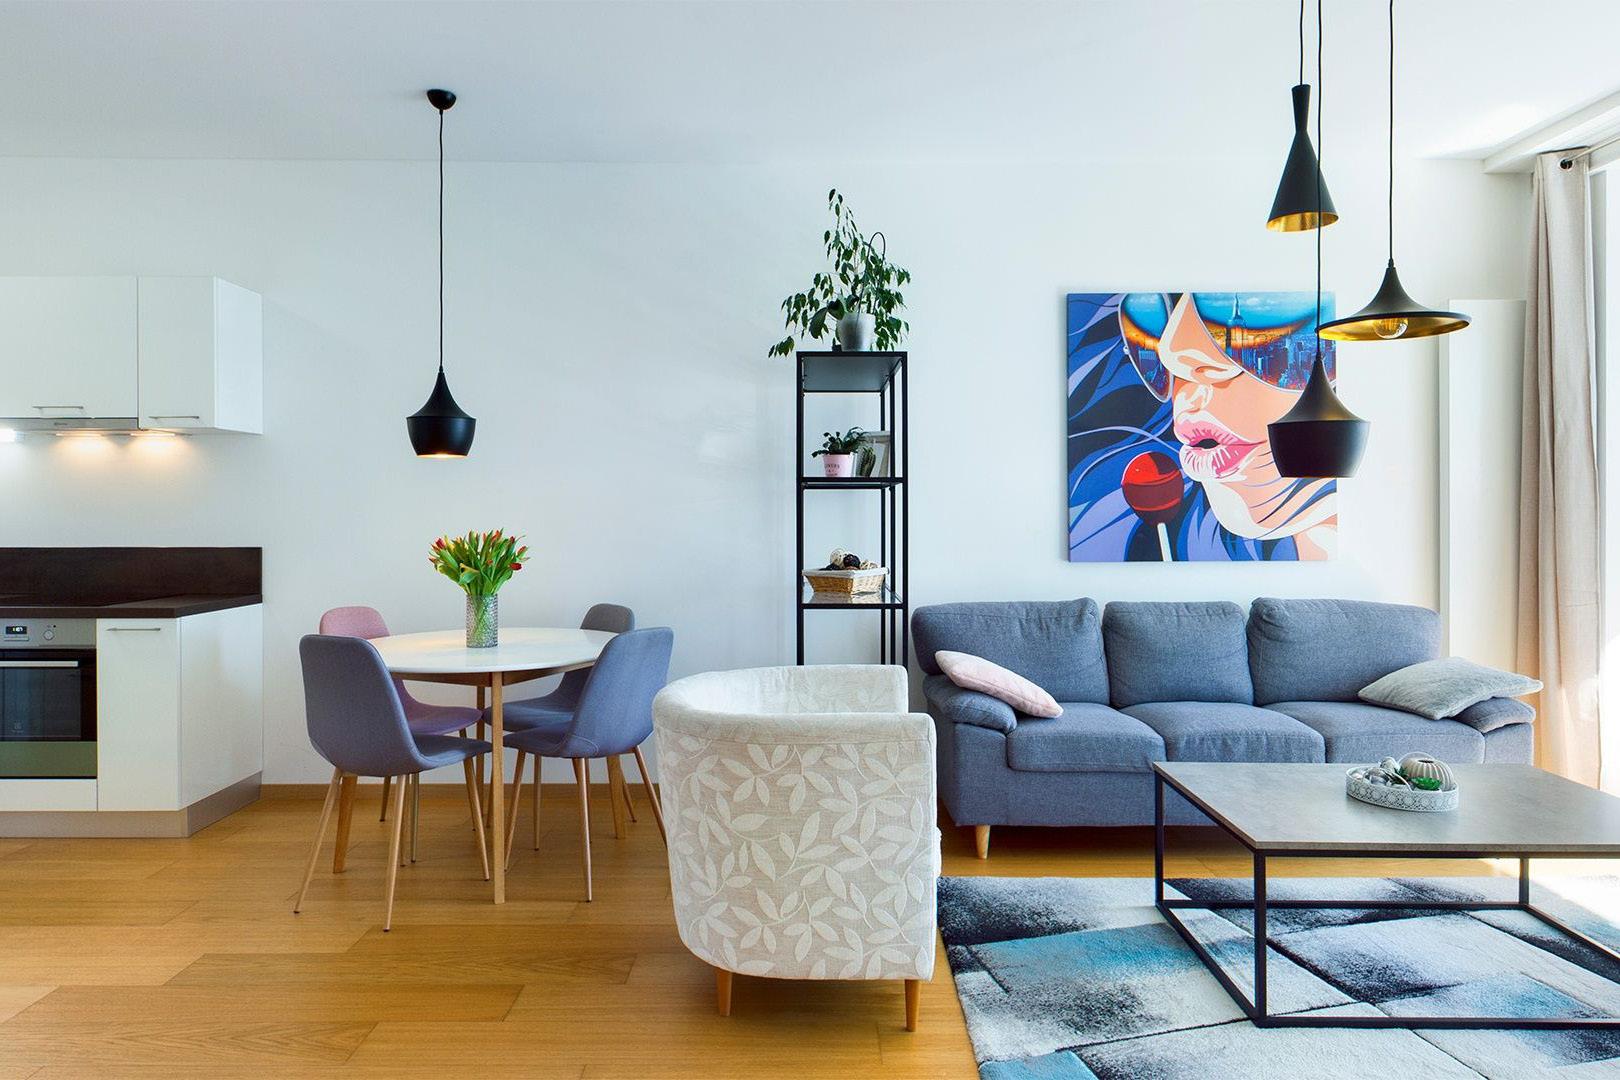 PREDANÉ | 2 izbový byt | Landererova, Bratislava